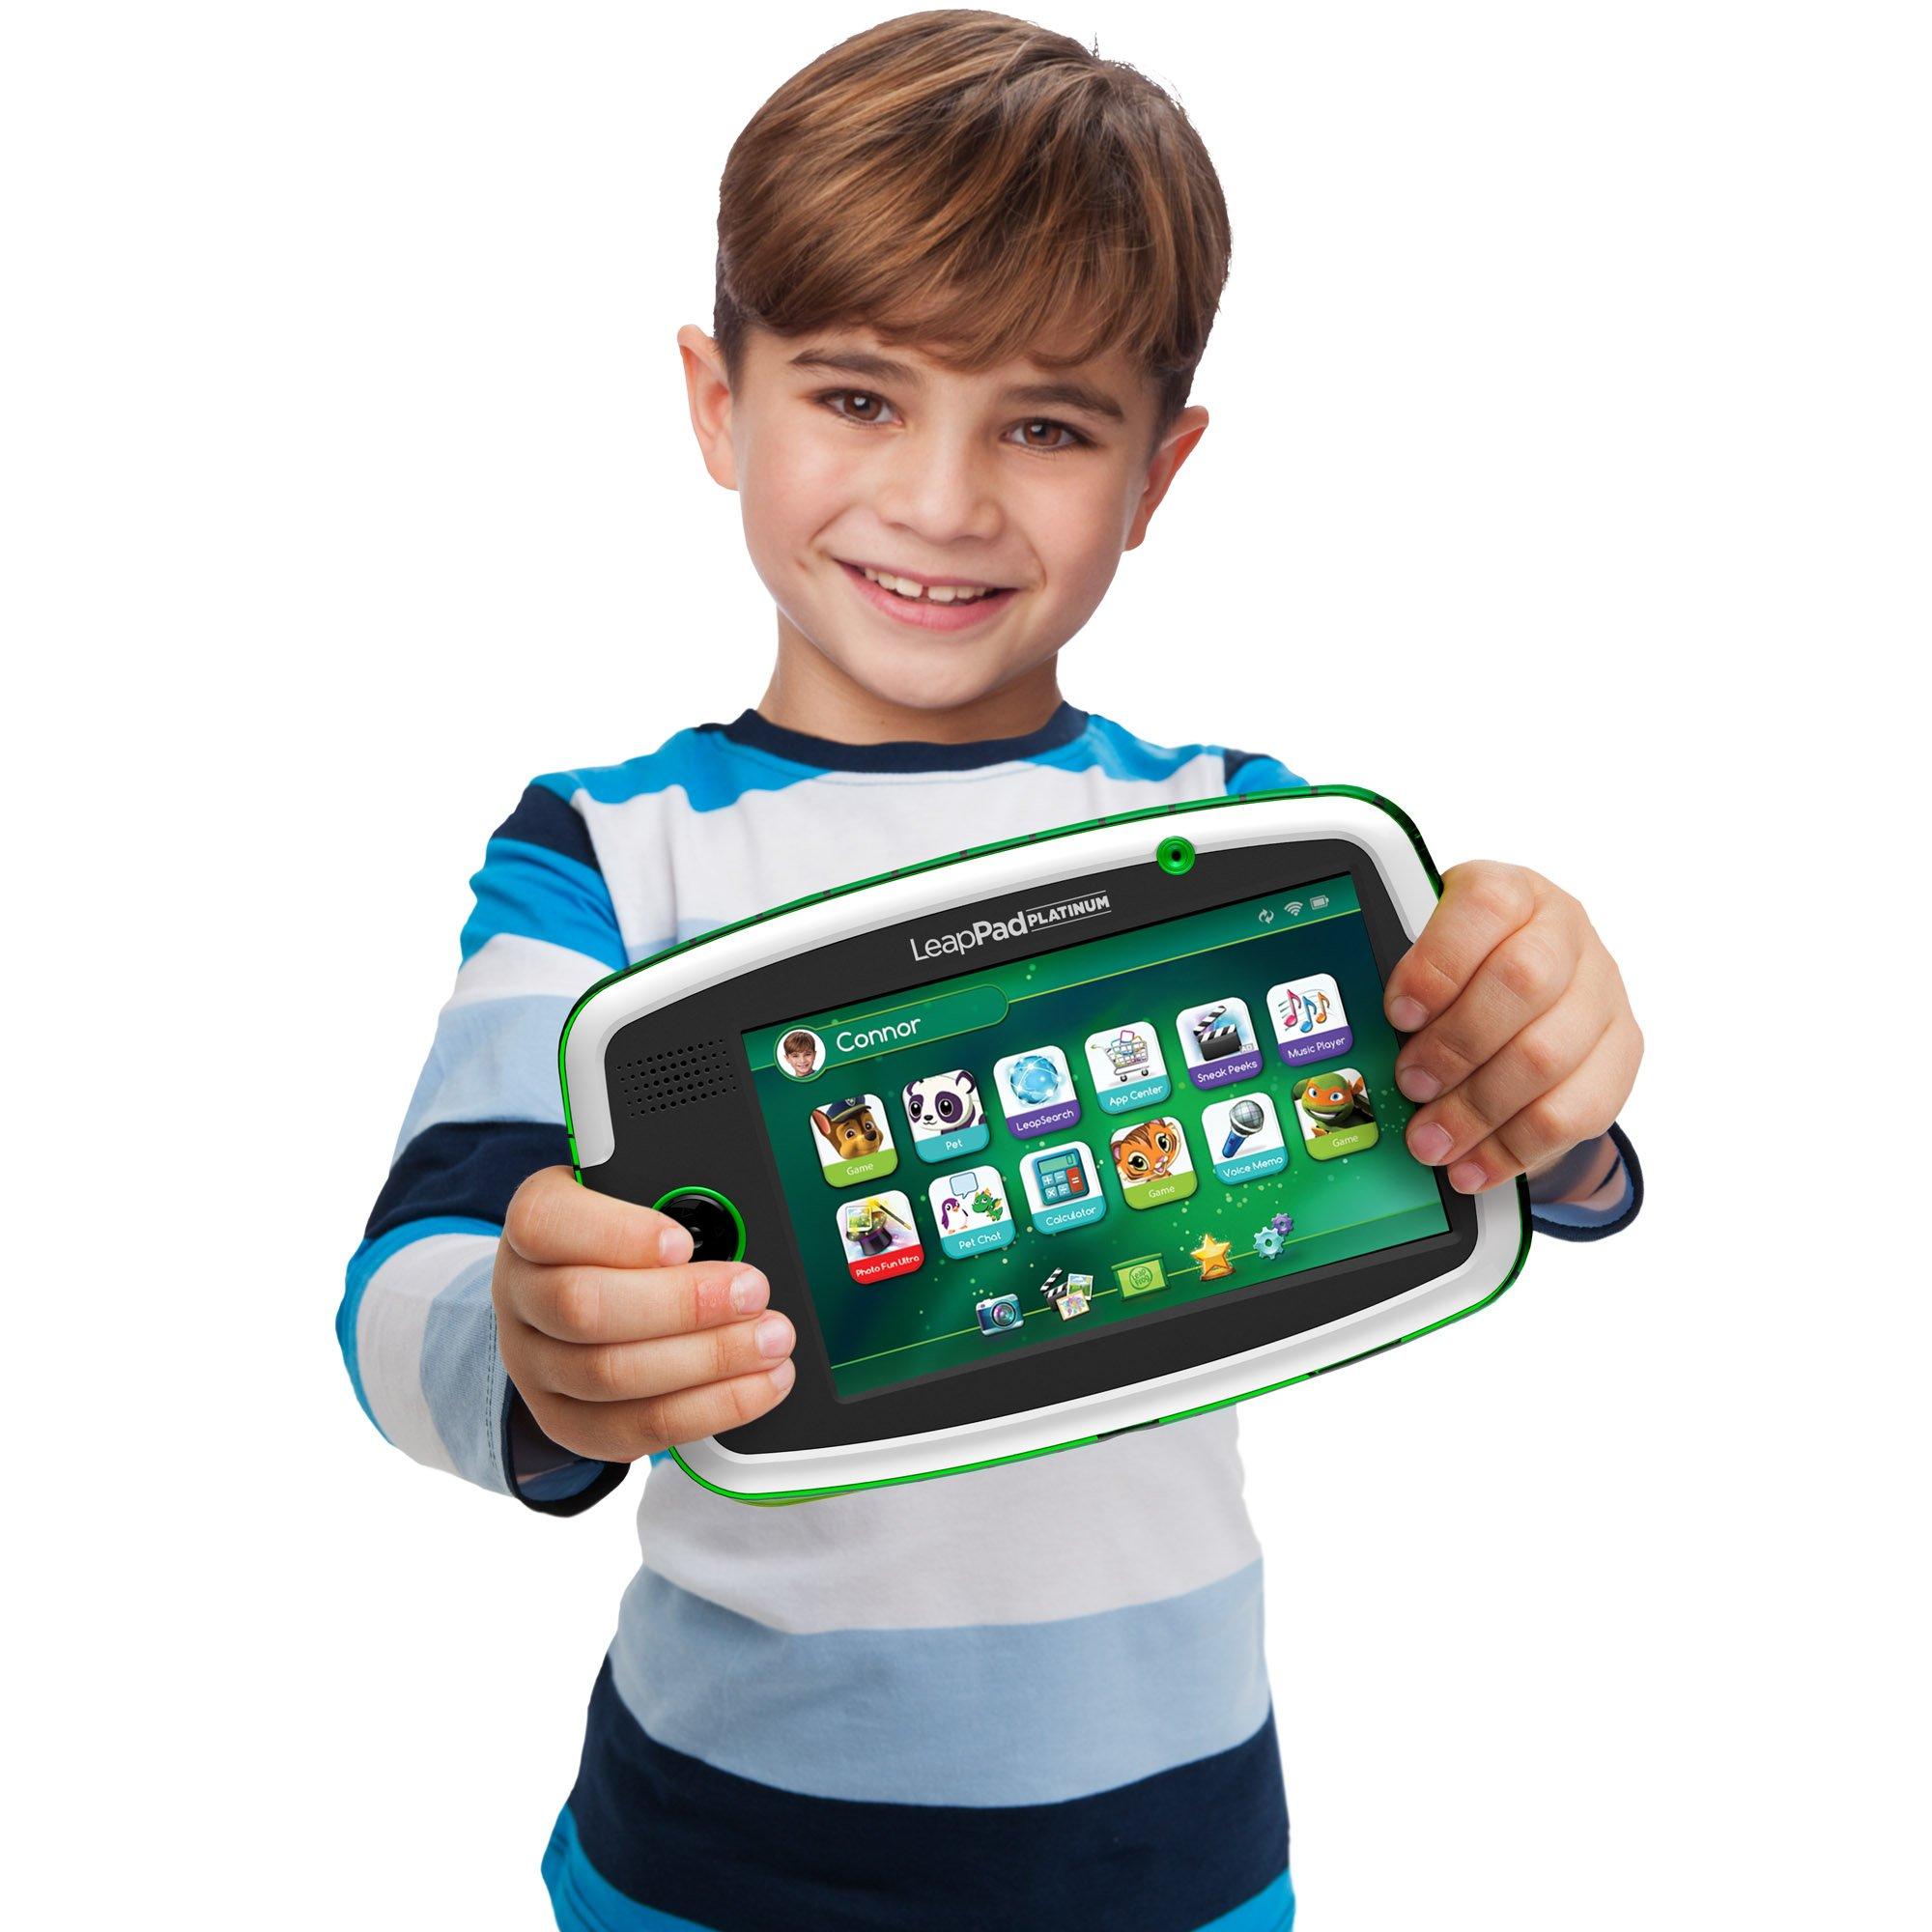 LeapFrog LeapPad Platinum Kids Learning Tablet, Green by LeapFrog. (Image #10)